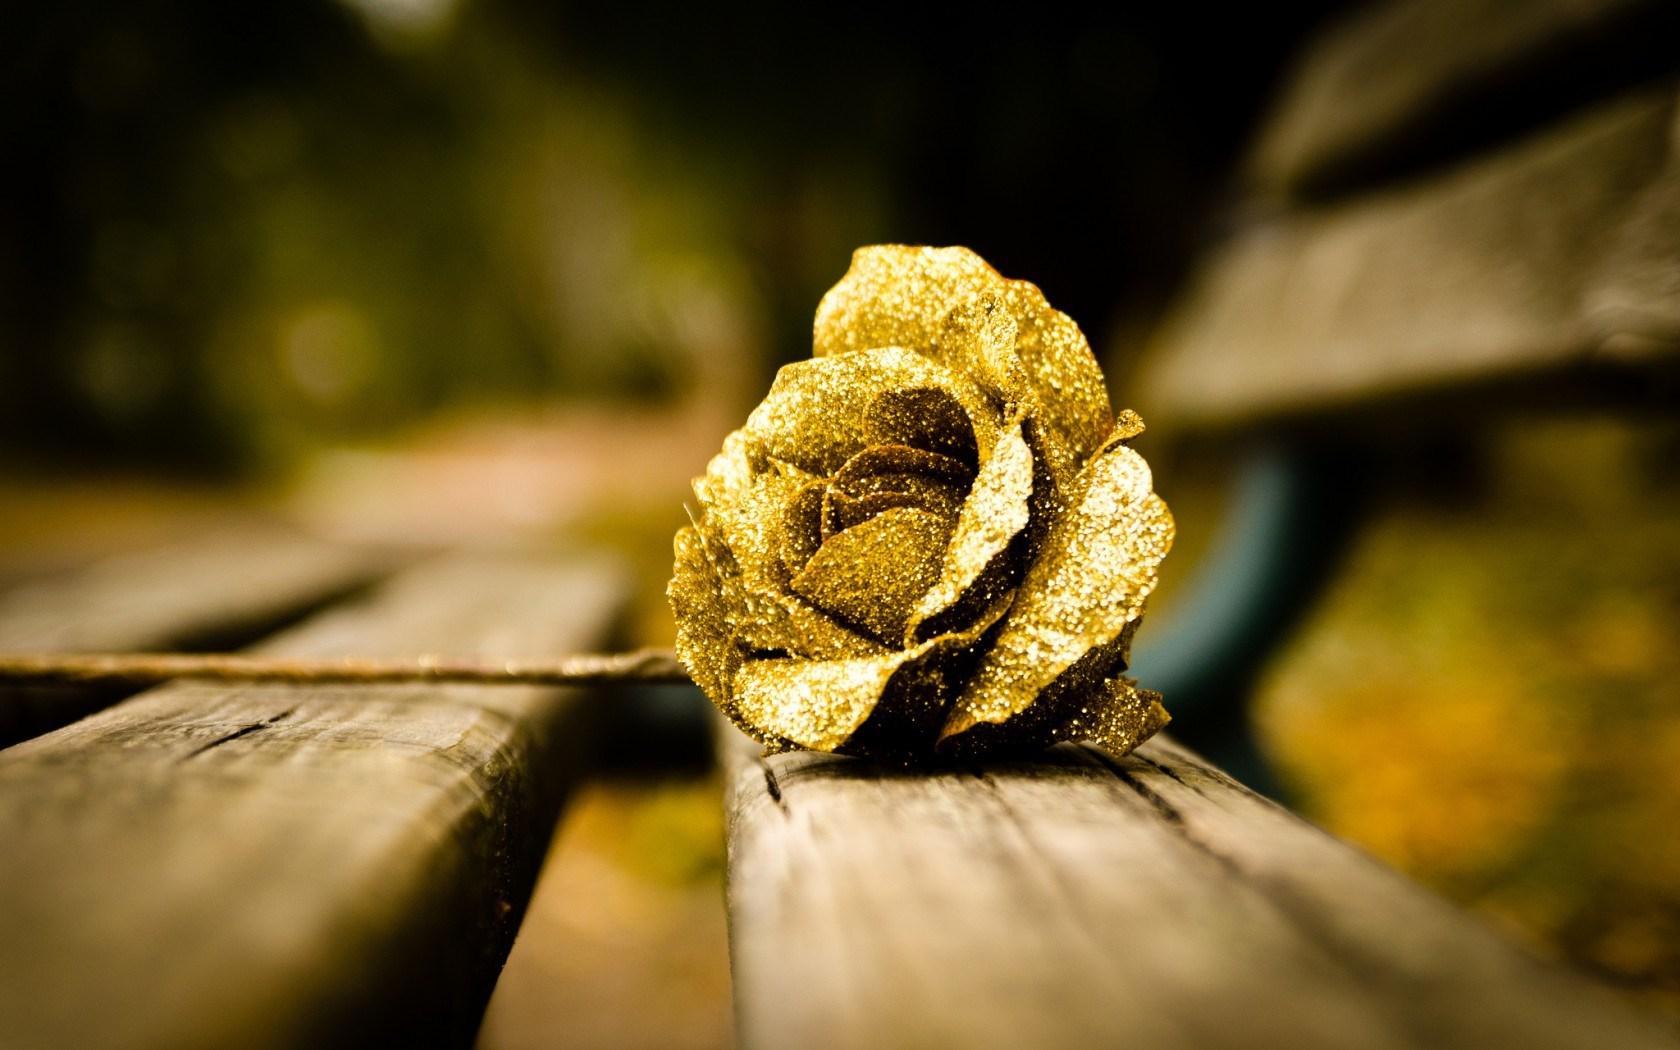 rose photos free download